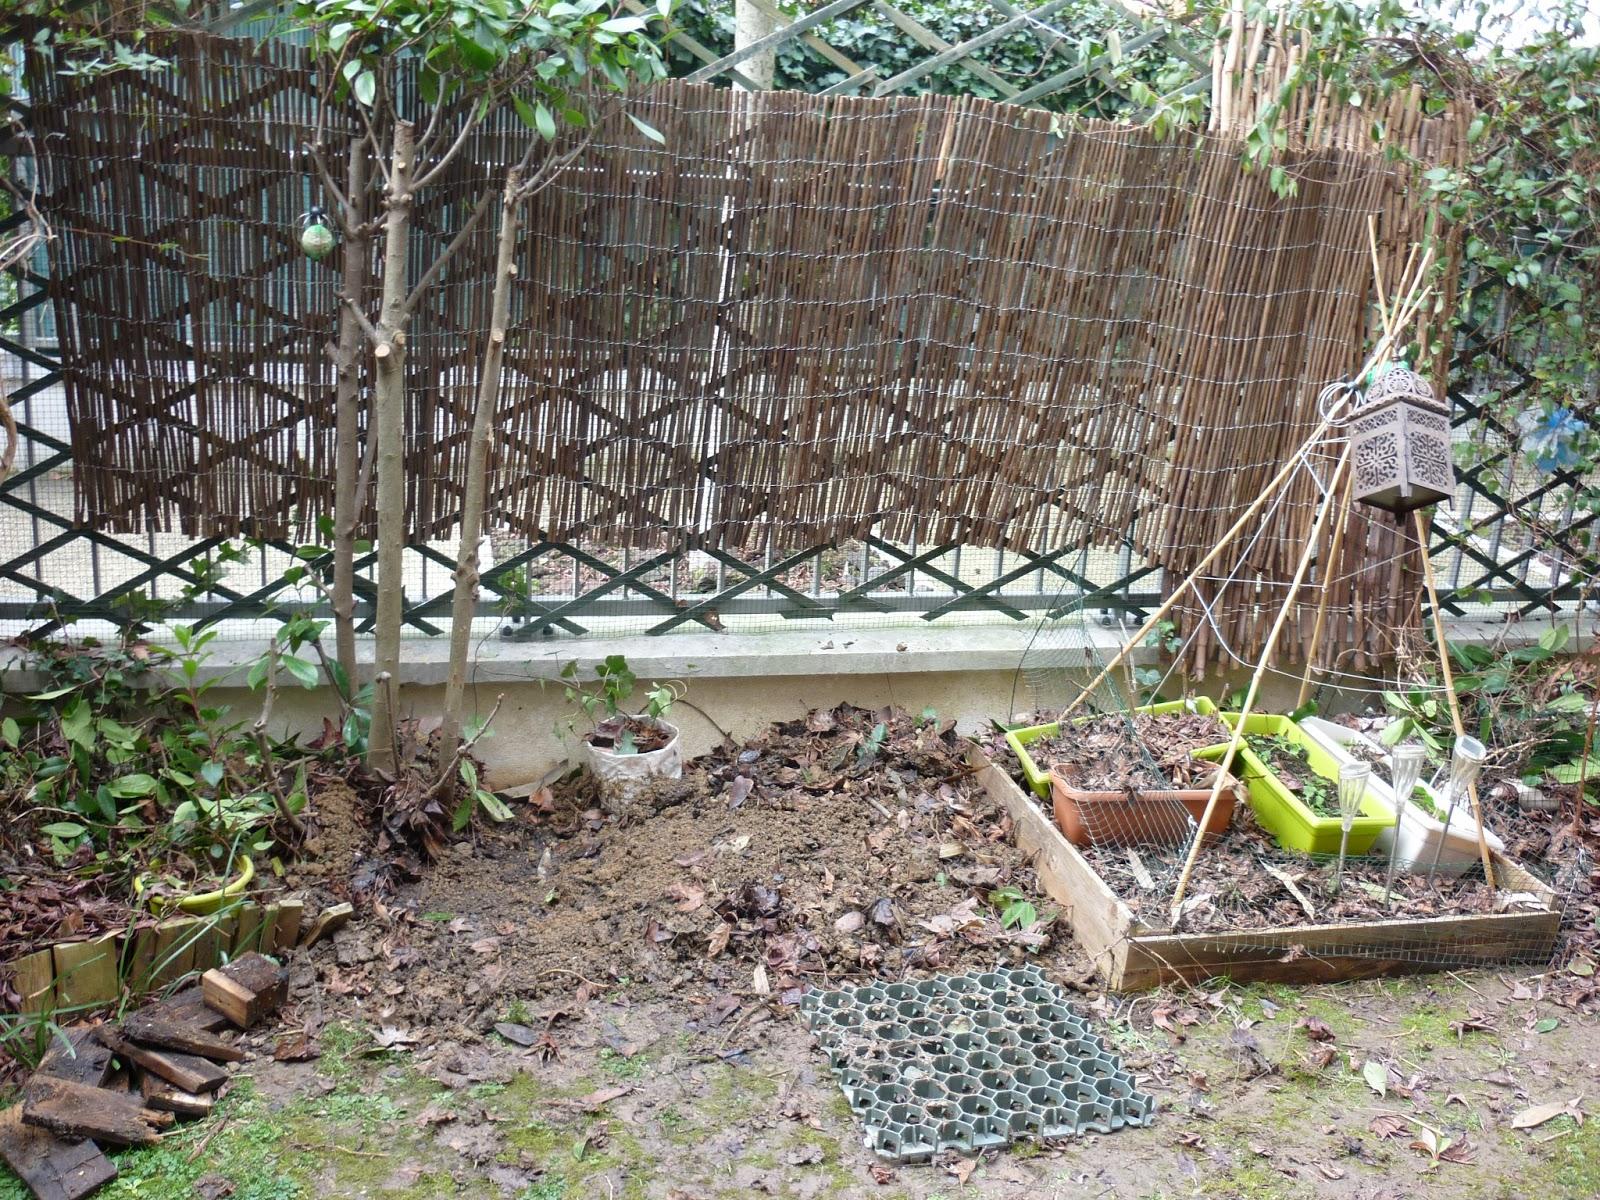 De brique et de brock jardin en janvier f vrier for Jardin janvier